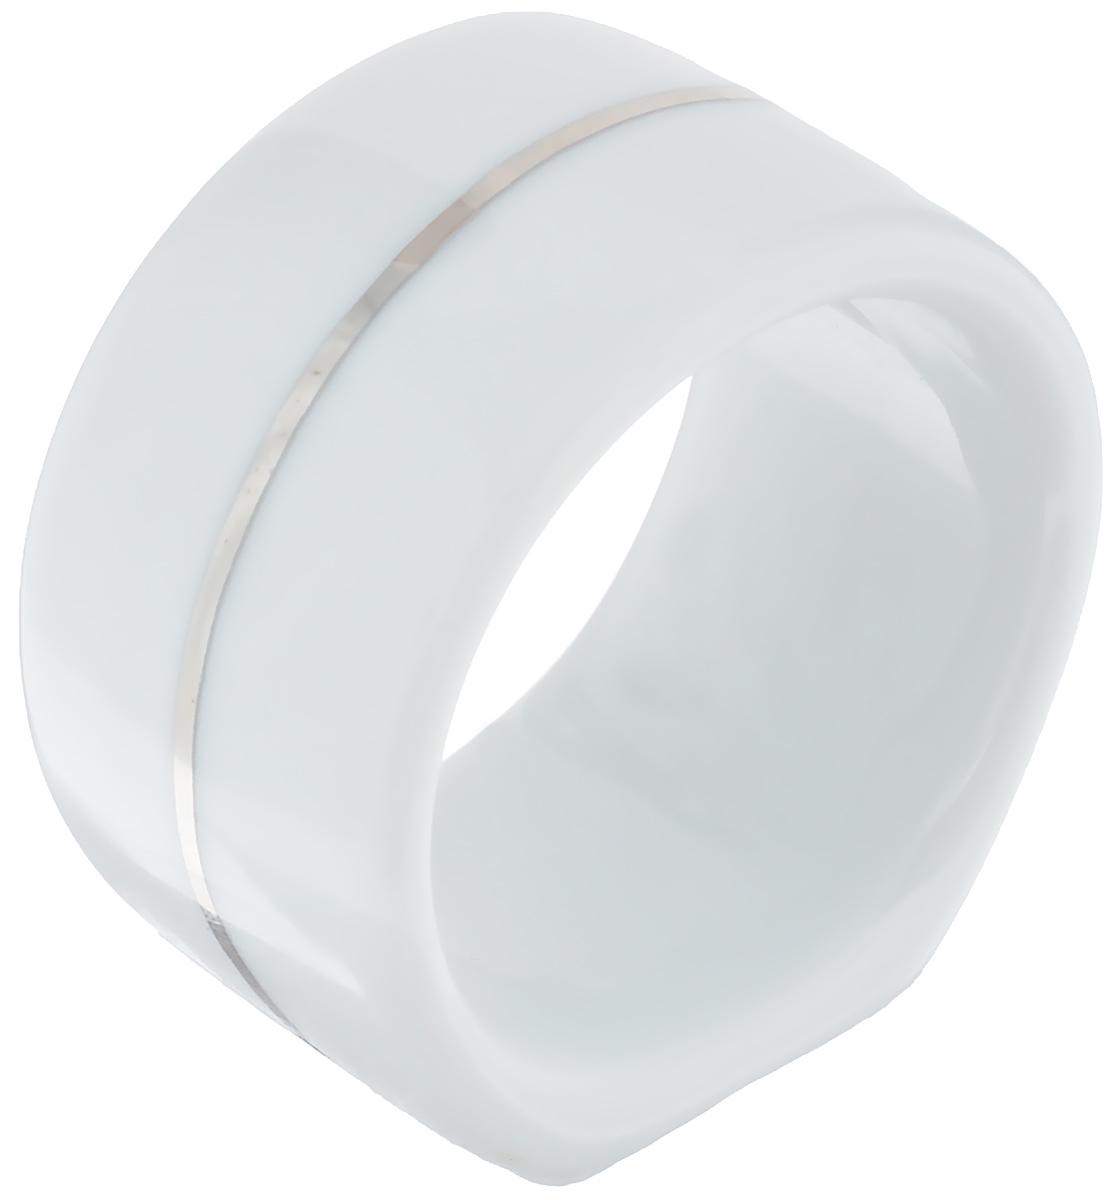 Кольцо для салфеток La Rose Des Sables Vendanges, цвет: белый, серебристый, диаметр 4 см482 350 019Кольцо для салфеток La Rose Des Sables Vendanges выполнено из высококачественного фарфора с простотой и изяществом. Такое кольцо станет замечательной деталью сервировки и великолепным украшением праздничного стола. Внешний диаметр кольца: 4 см. Внутренний диаметр кольца: 3,5 см. Ширина кольца: 2,5 см.